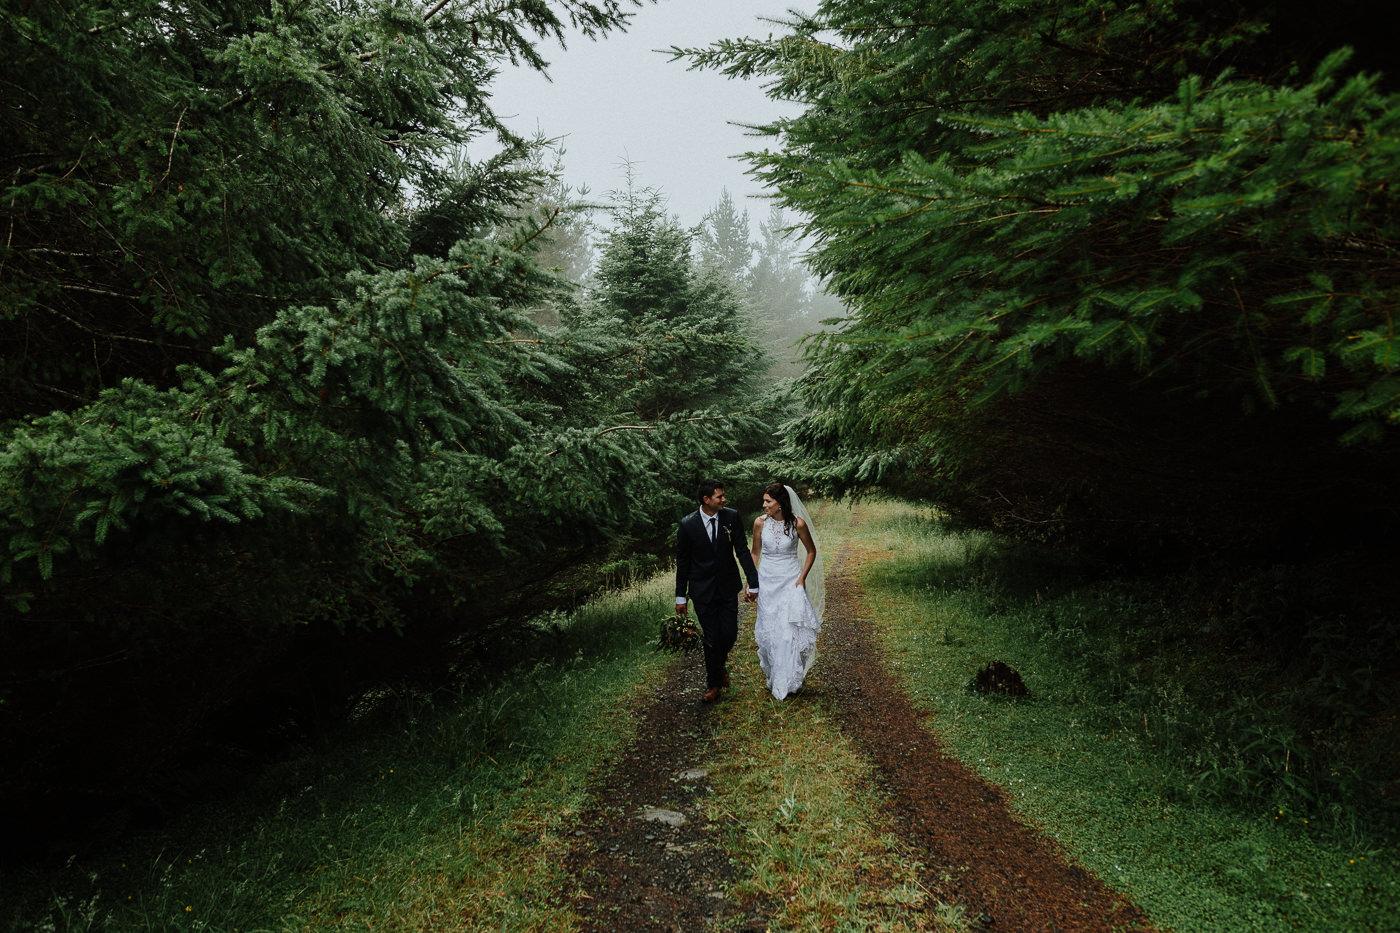 nz_wedding_photographer_gisborne-1077.jpg